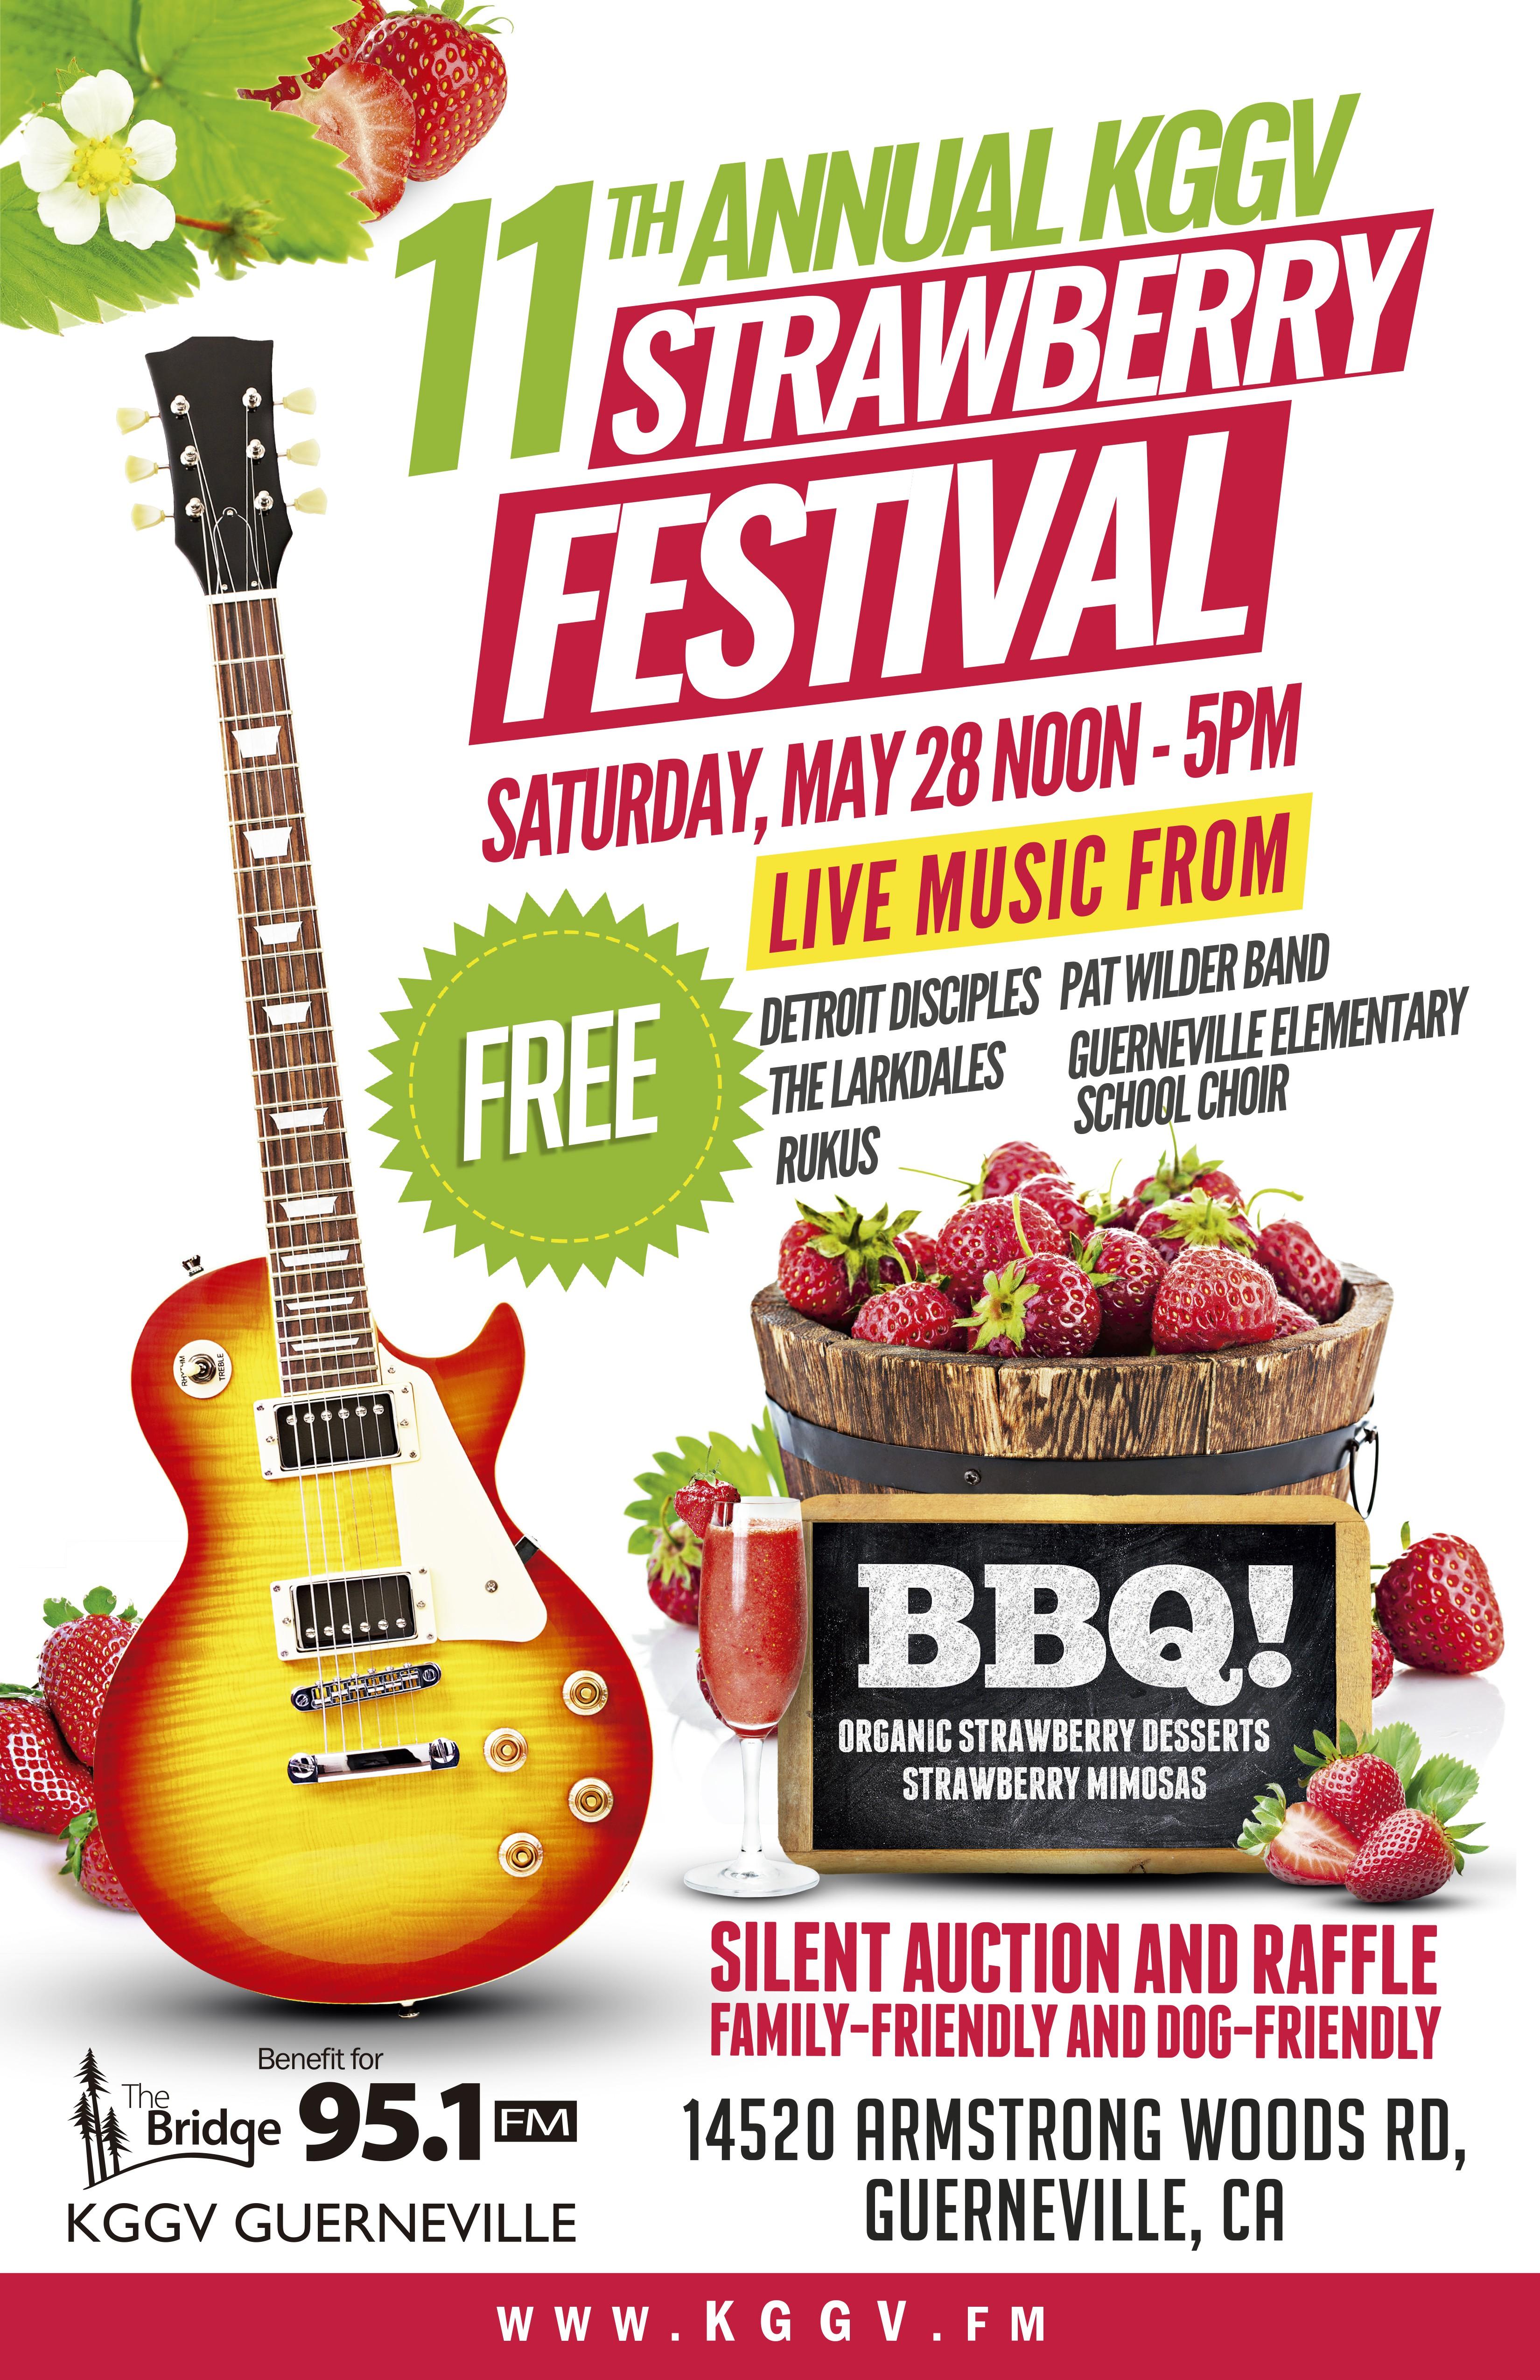 KGGV Strawberry Festival Poster